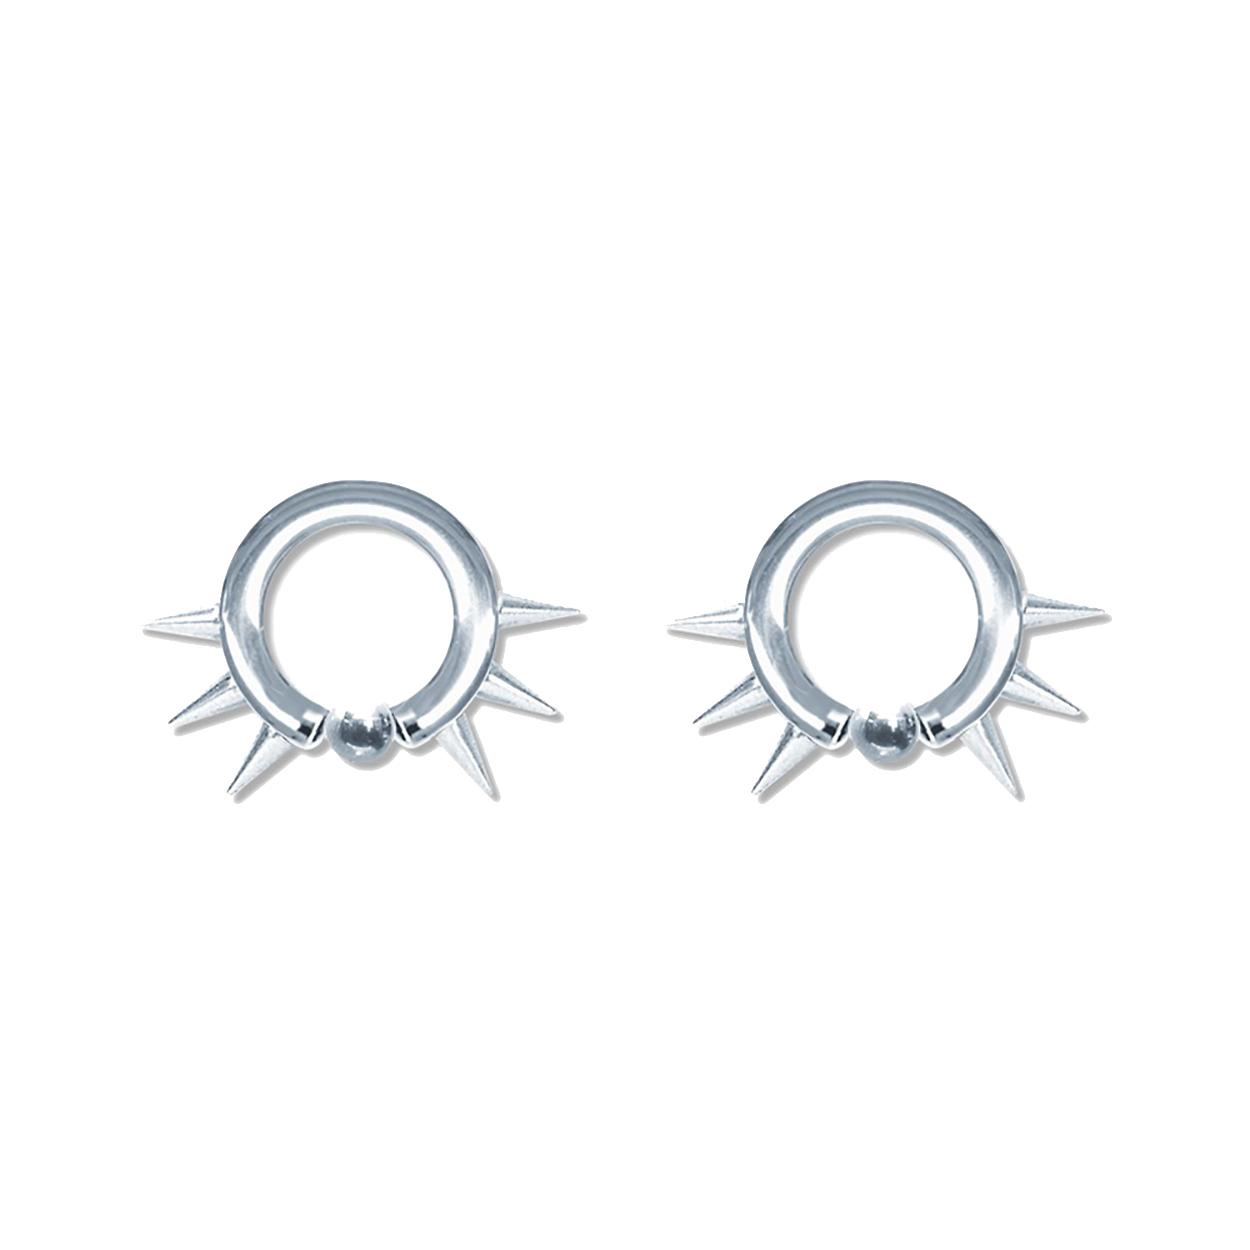 Lex Amp Lu Pair Of Steel Captive Bead Hoop Ring Earrings W Cones 10 6 Gauge